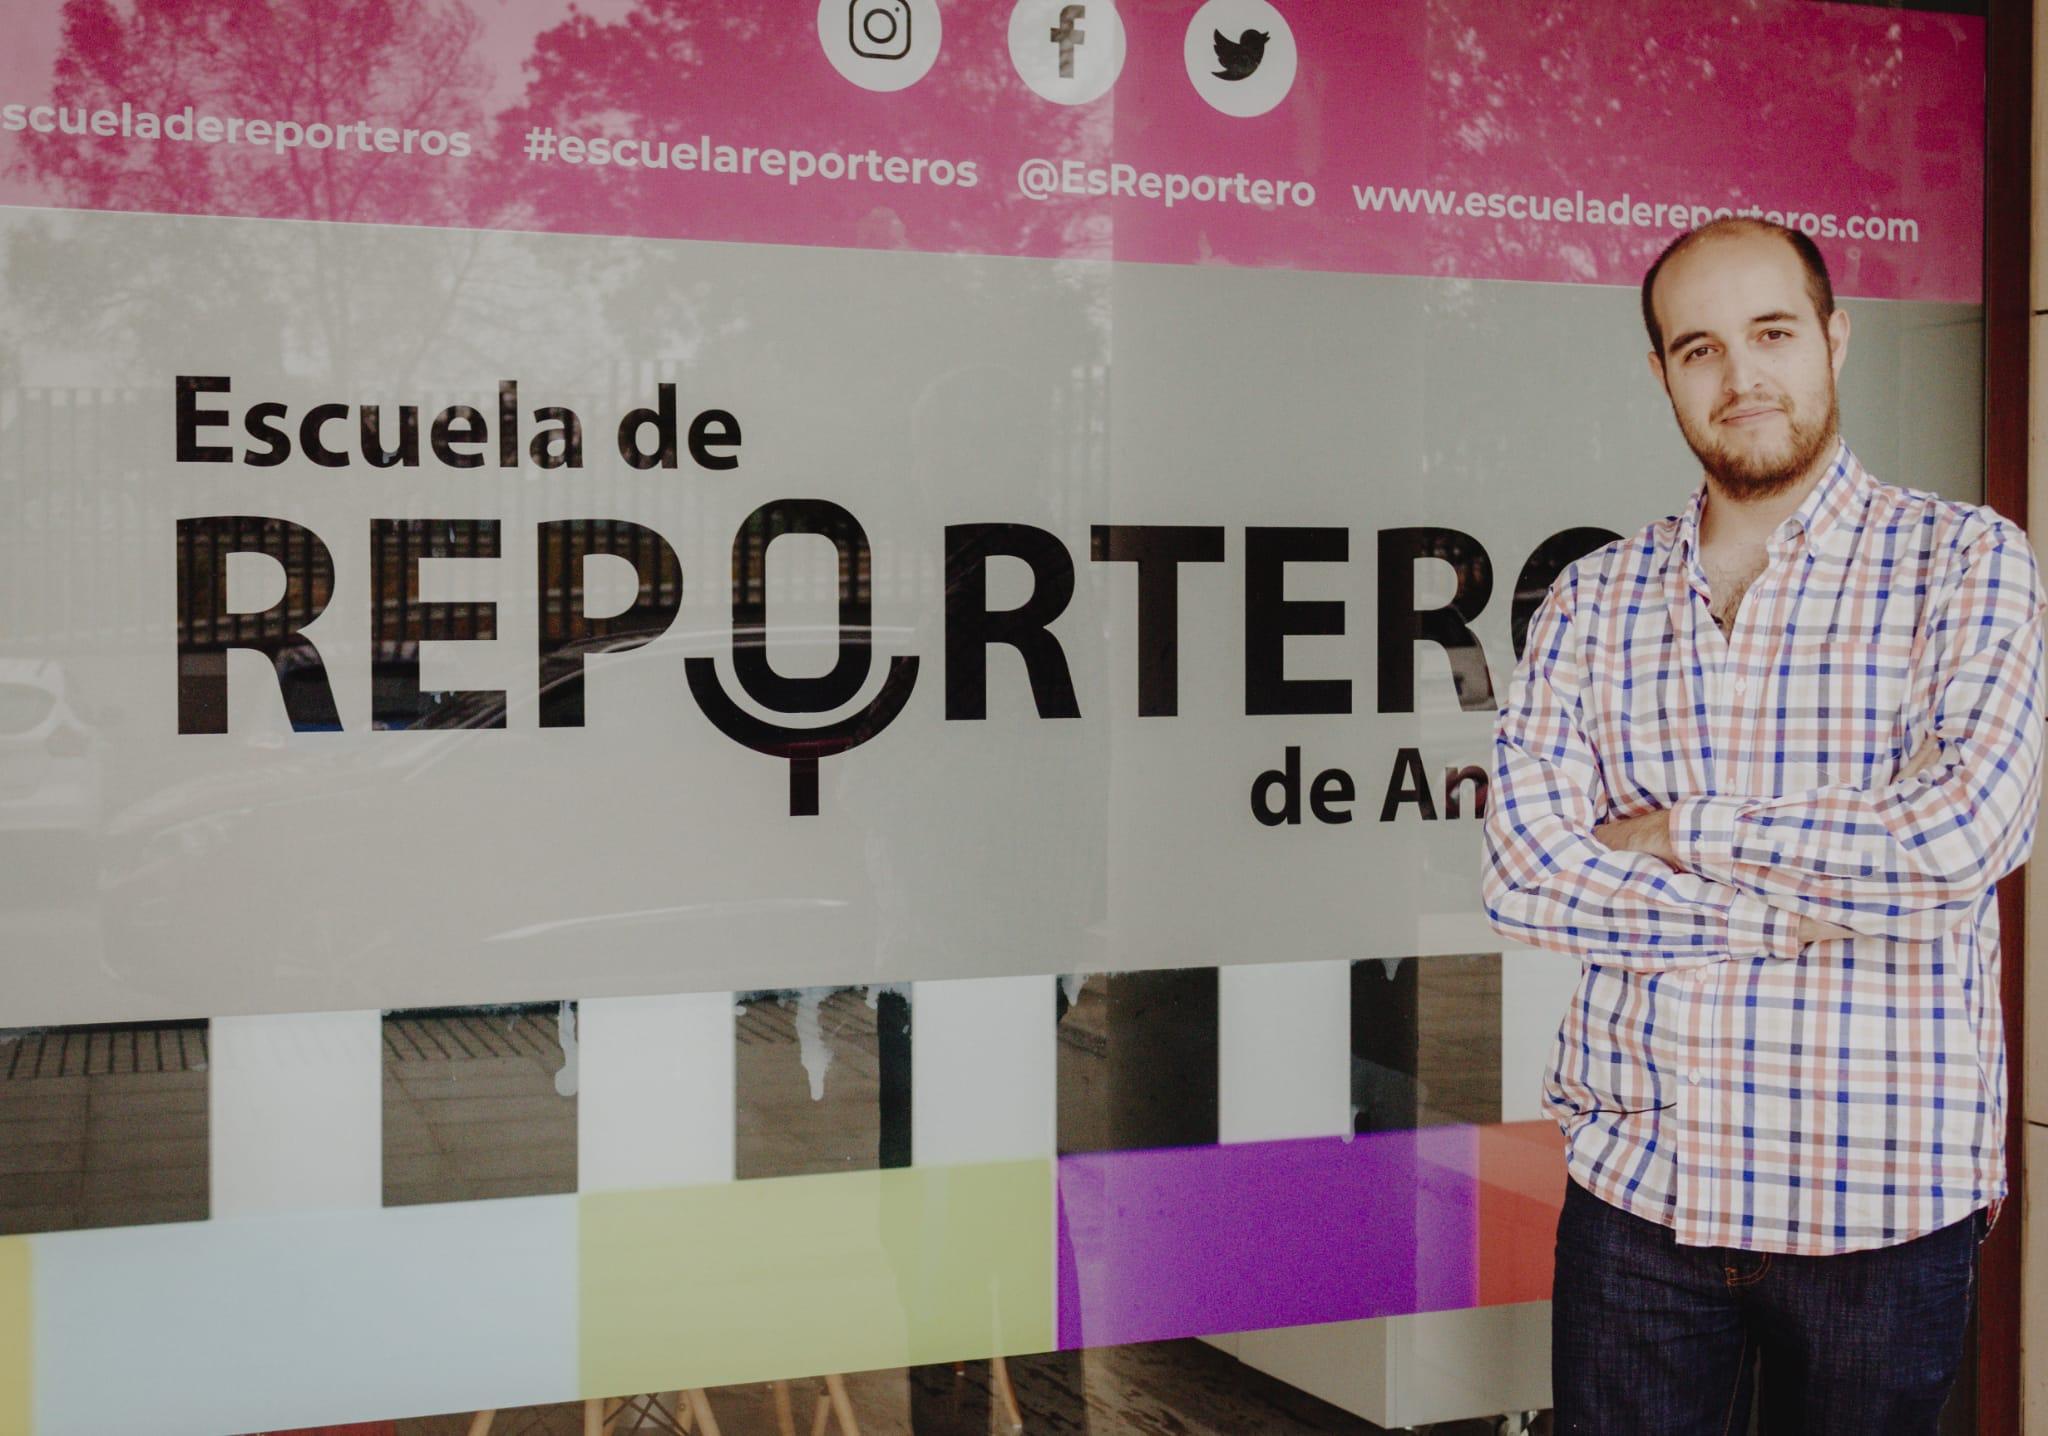 El periodista Miguel Ángel Moreno en la Escuela de Reporteros de Andalucía (ERA)